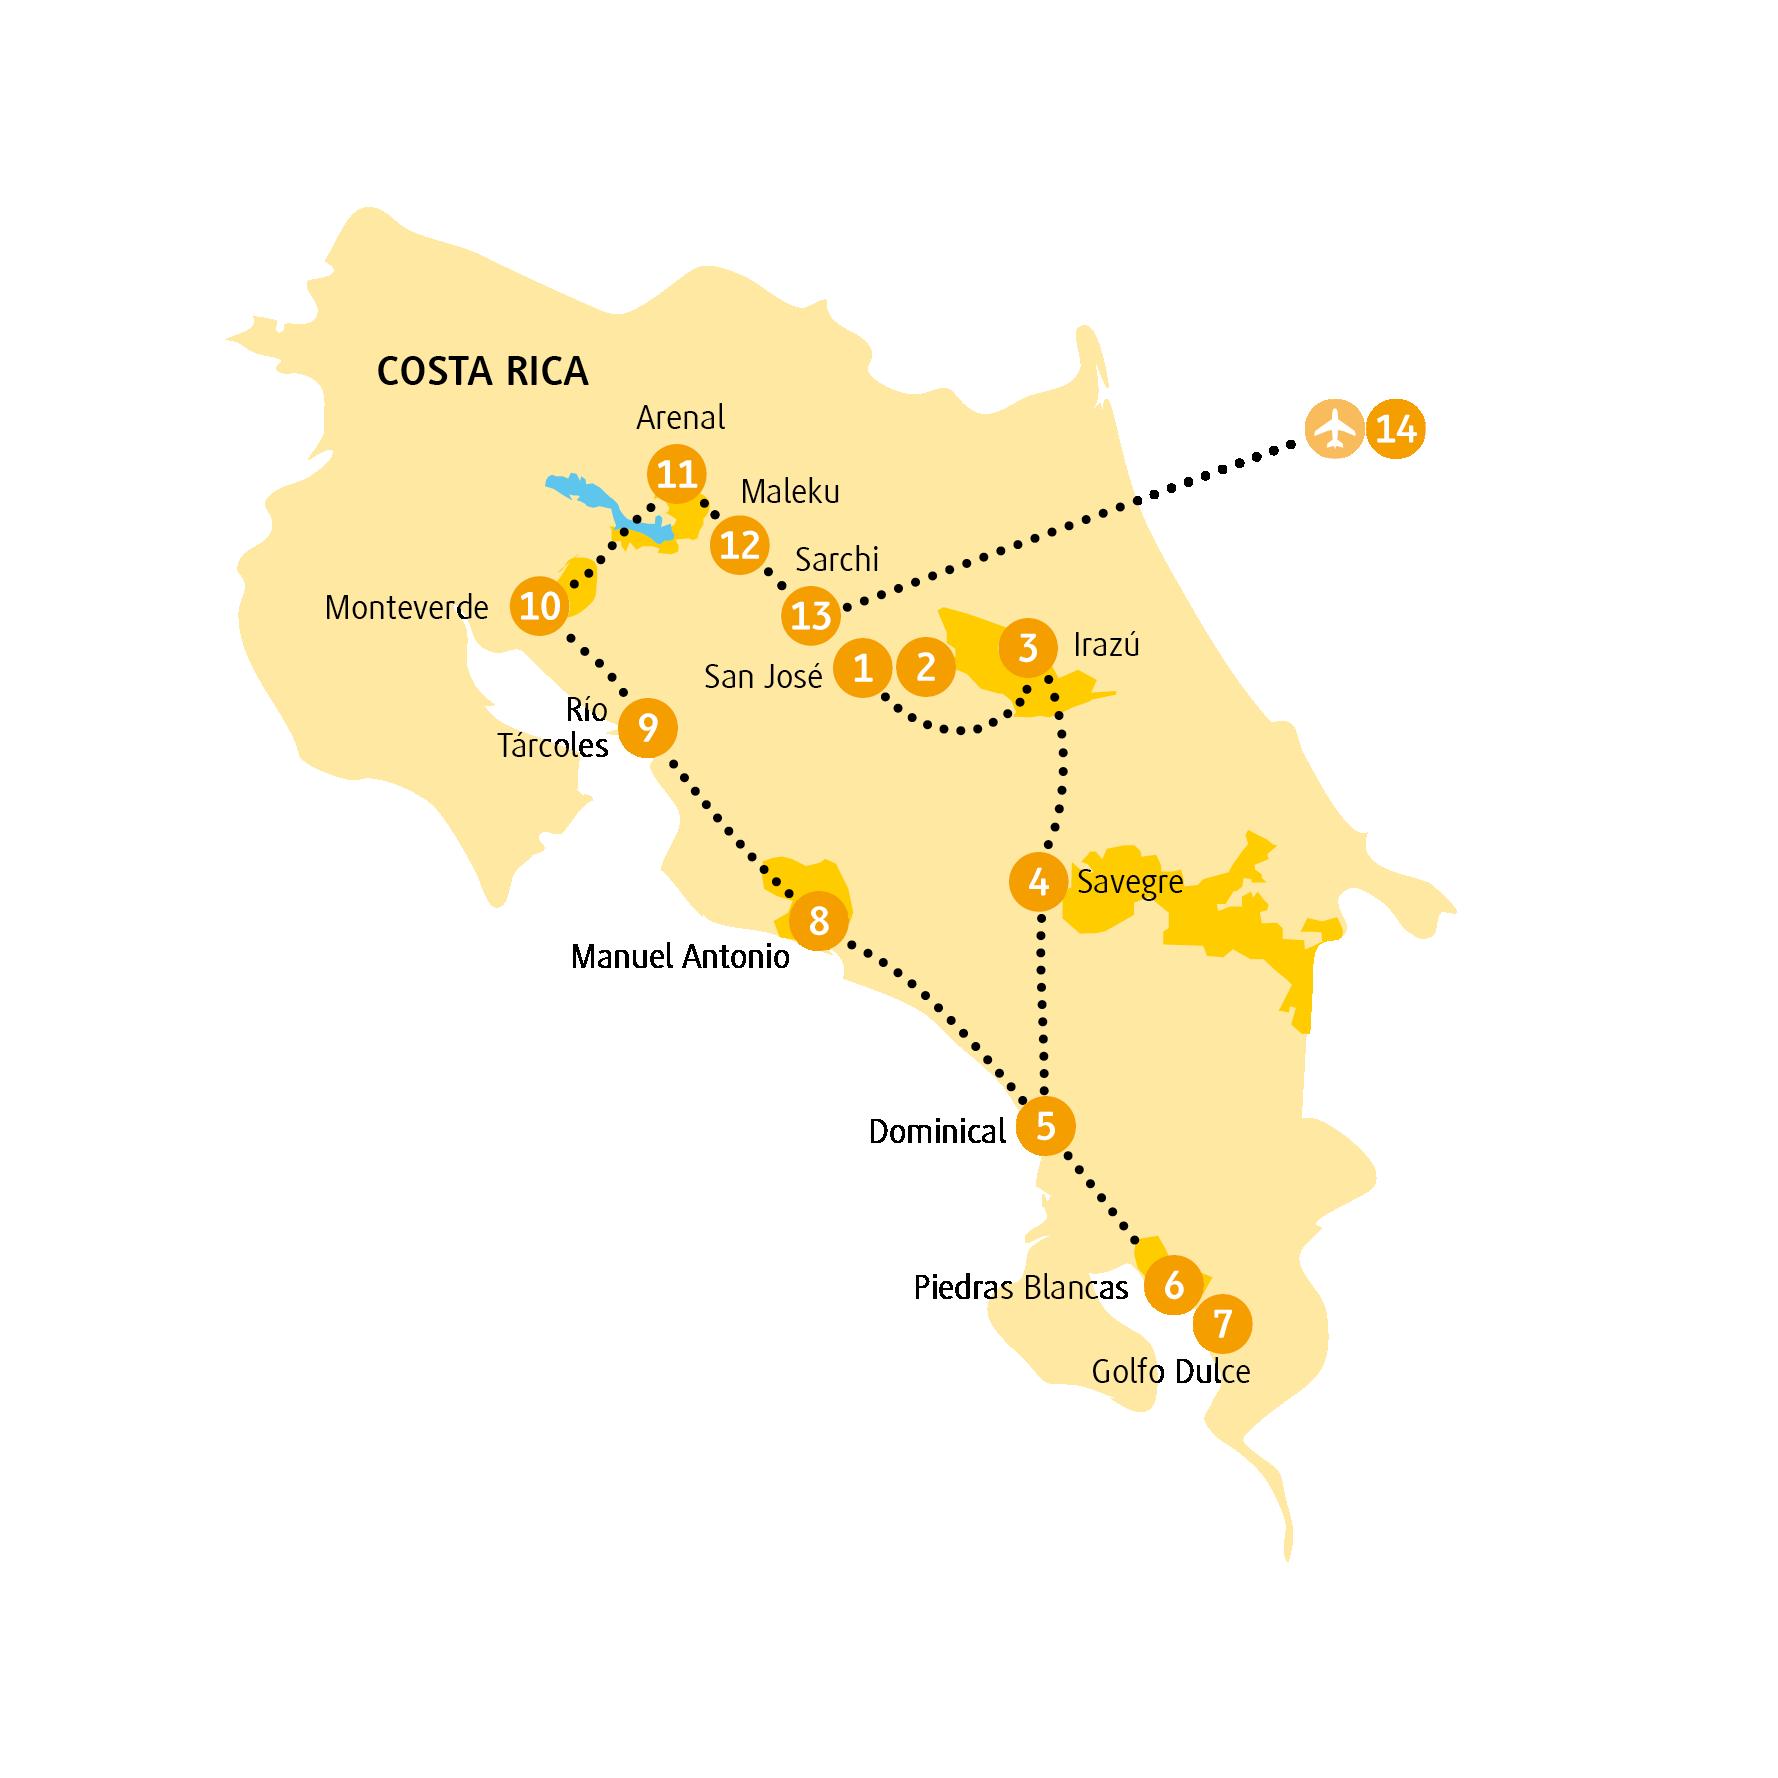 Costa Rica: Karte und Tourenverlauf Monteverde